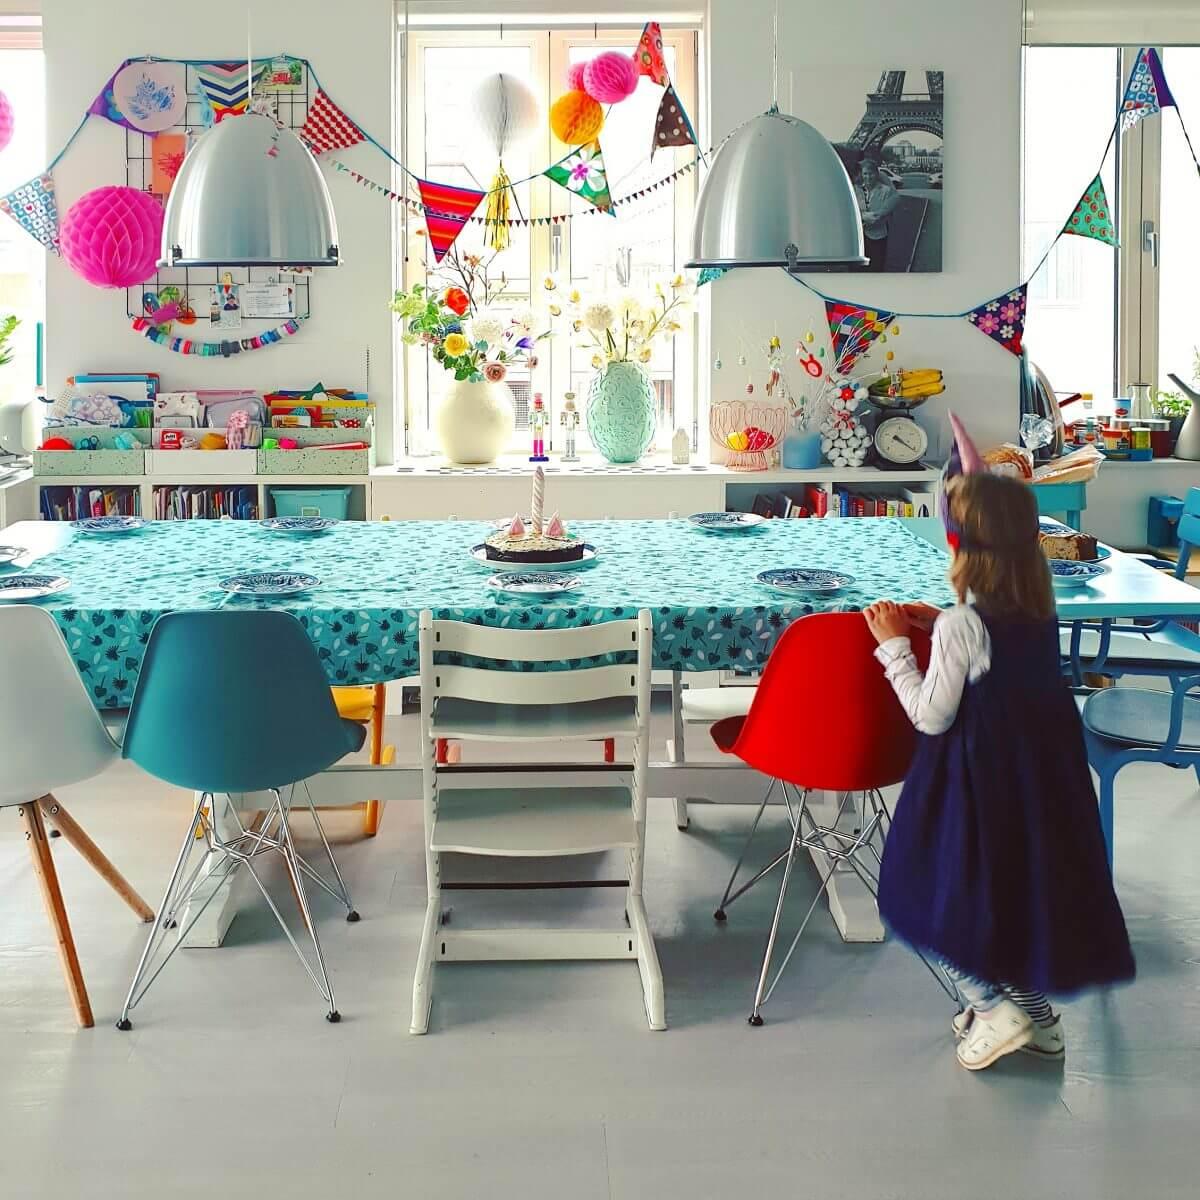 Verjaardagsversiering kleurrijk gezinshuis met kinderen